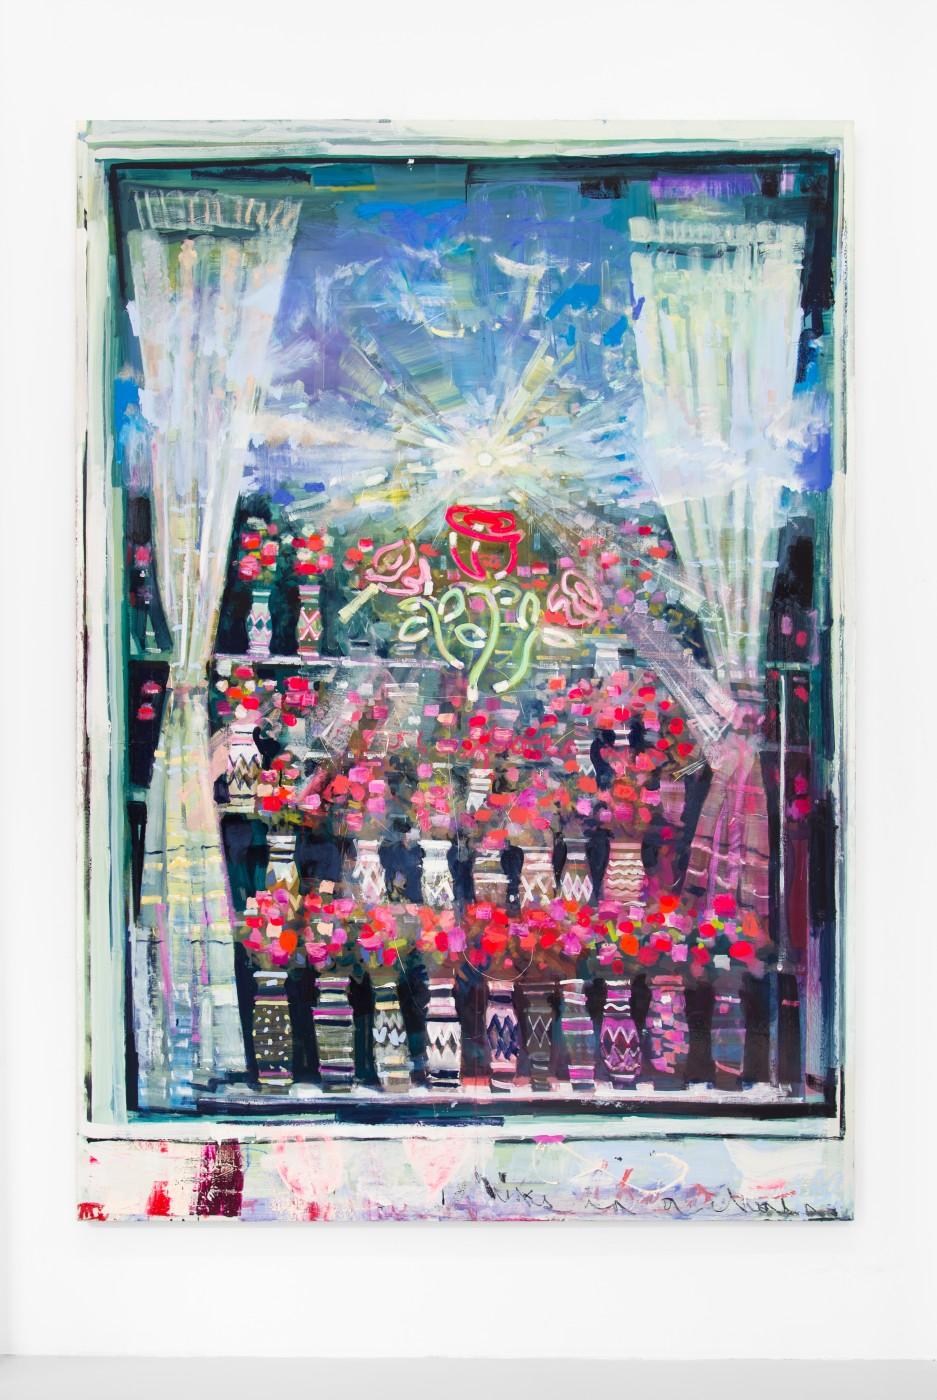 WALLFLOWERS, MALFLOWERS  Daybreak #4 , 2018  Oil on canvas   243,8 × 172,7 cm / 96 × 68 in  Nathan Zeidman